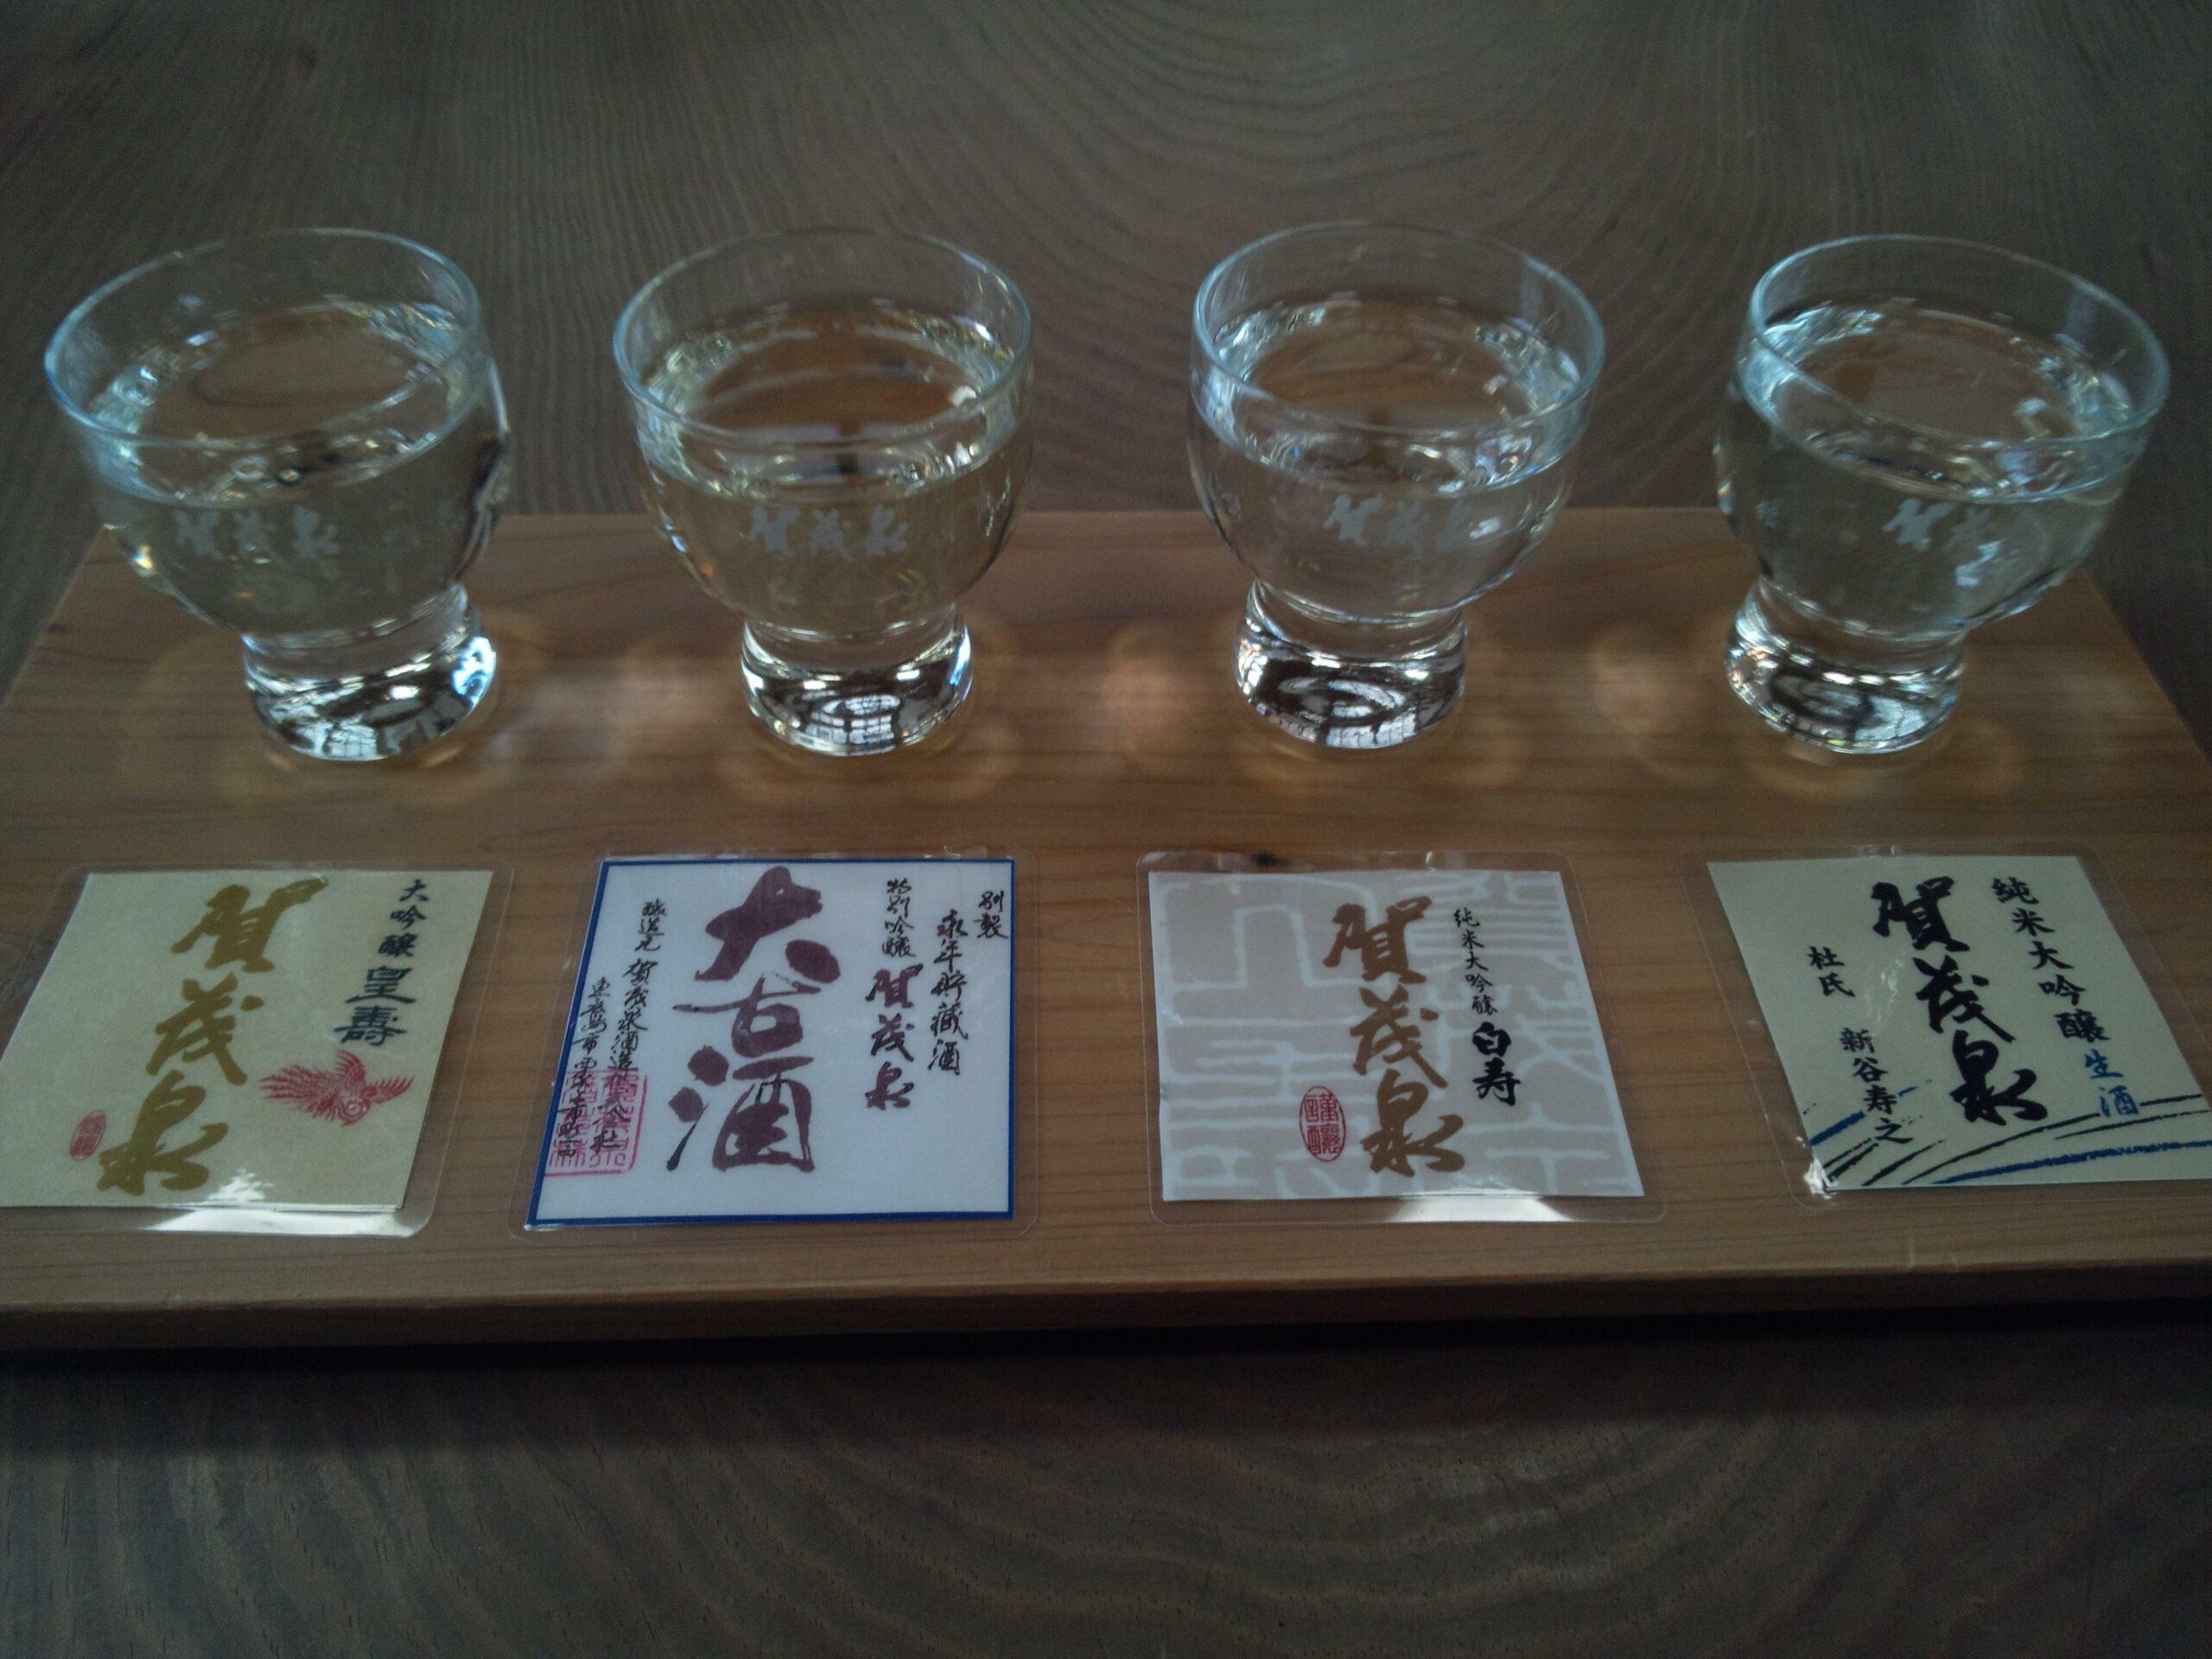 日本酒飲み比べ体験 (東広島市 酒泉館)